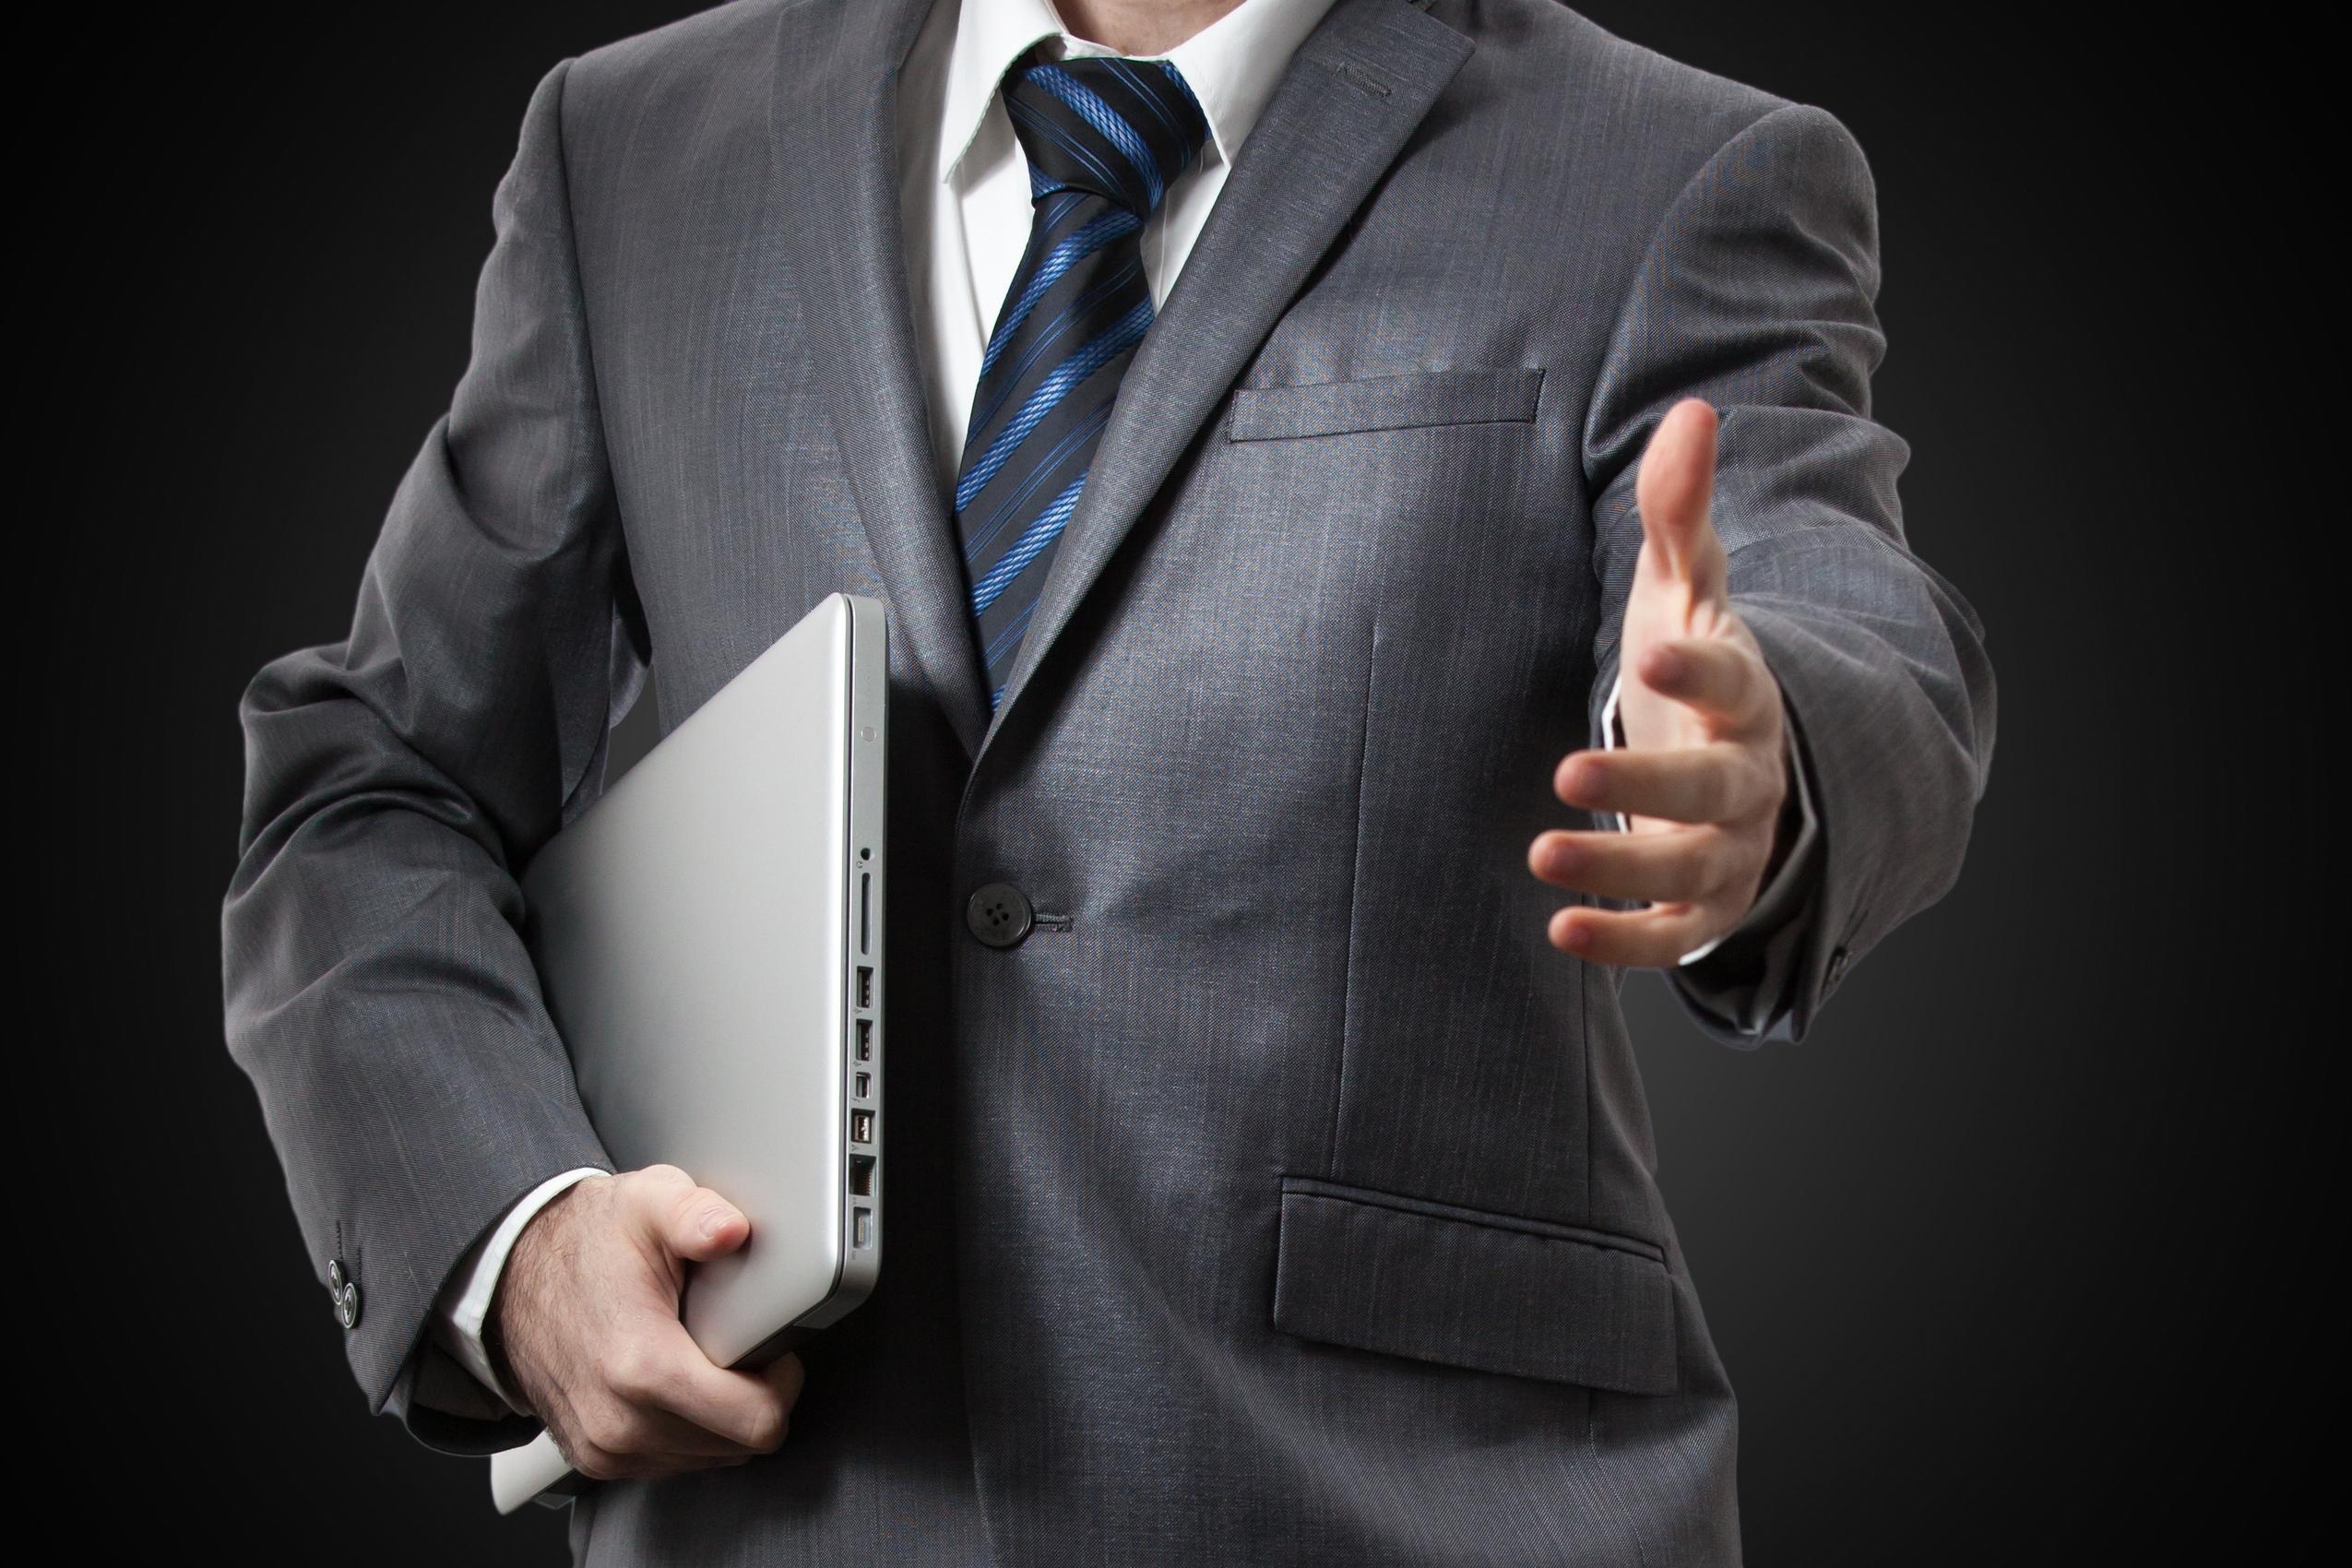 יועץ אירגוני – יכול לקדם את הפעילות העסקית שלך